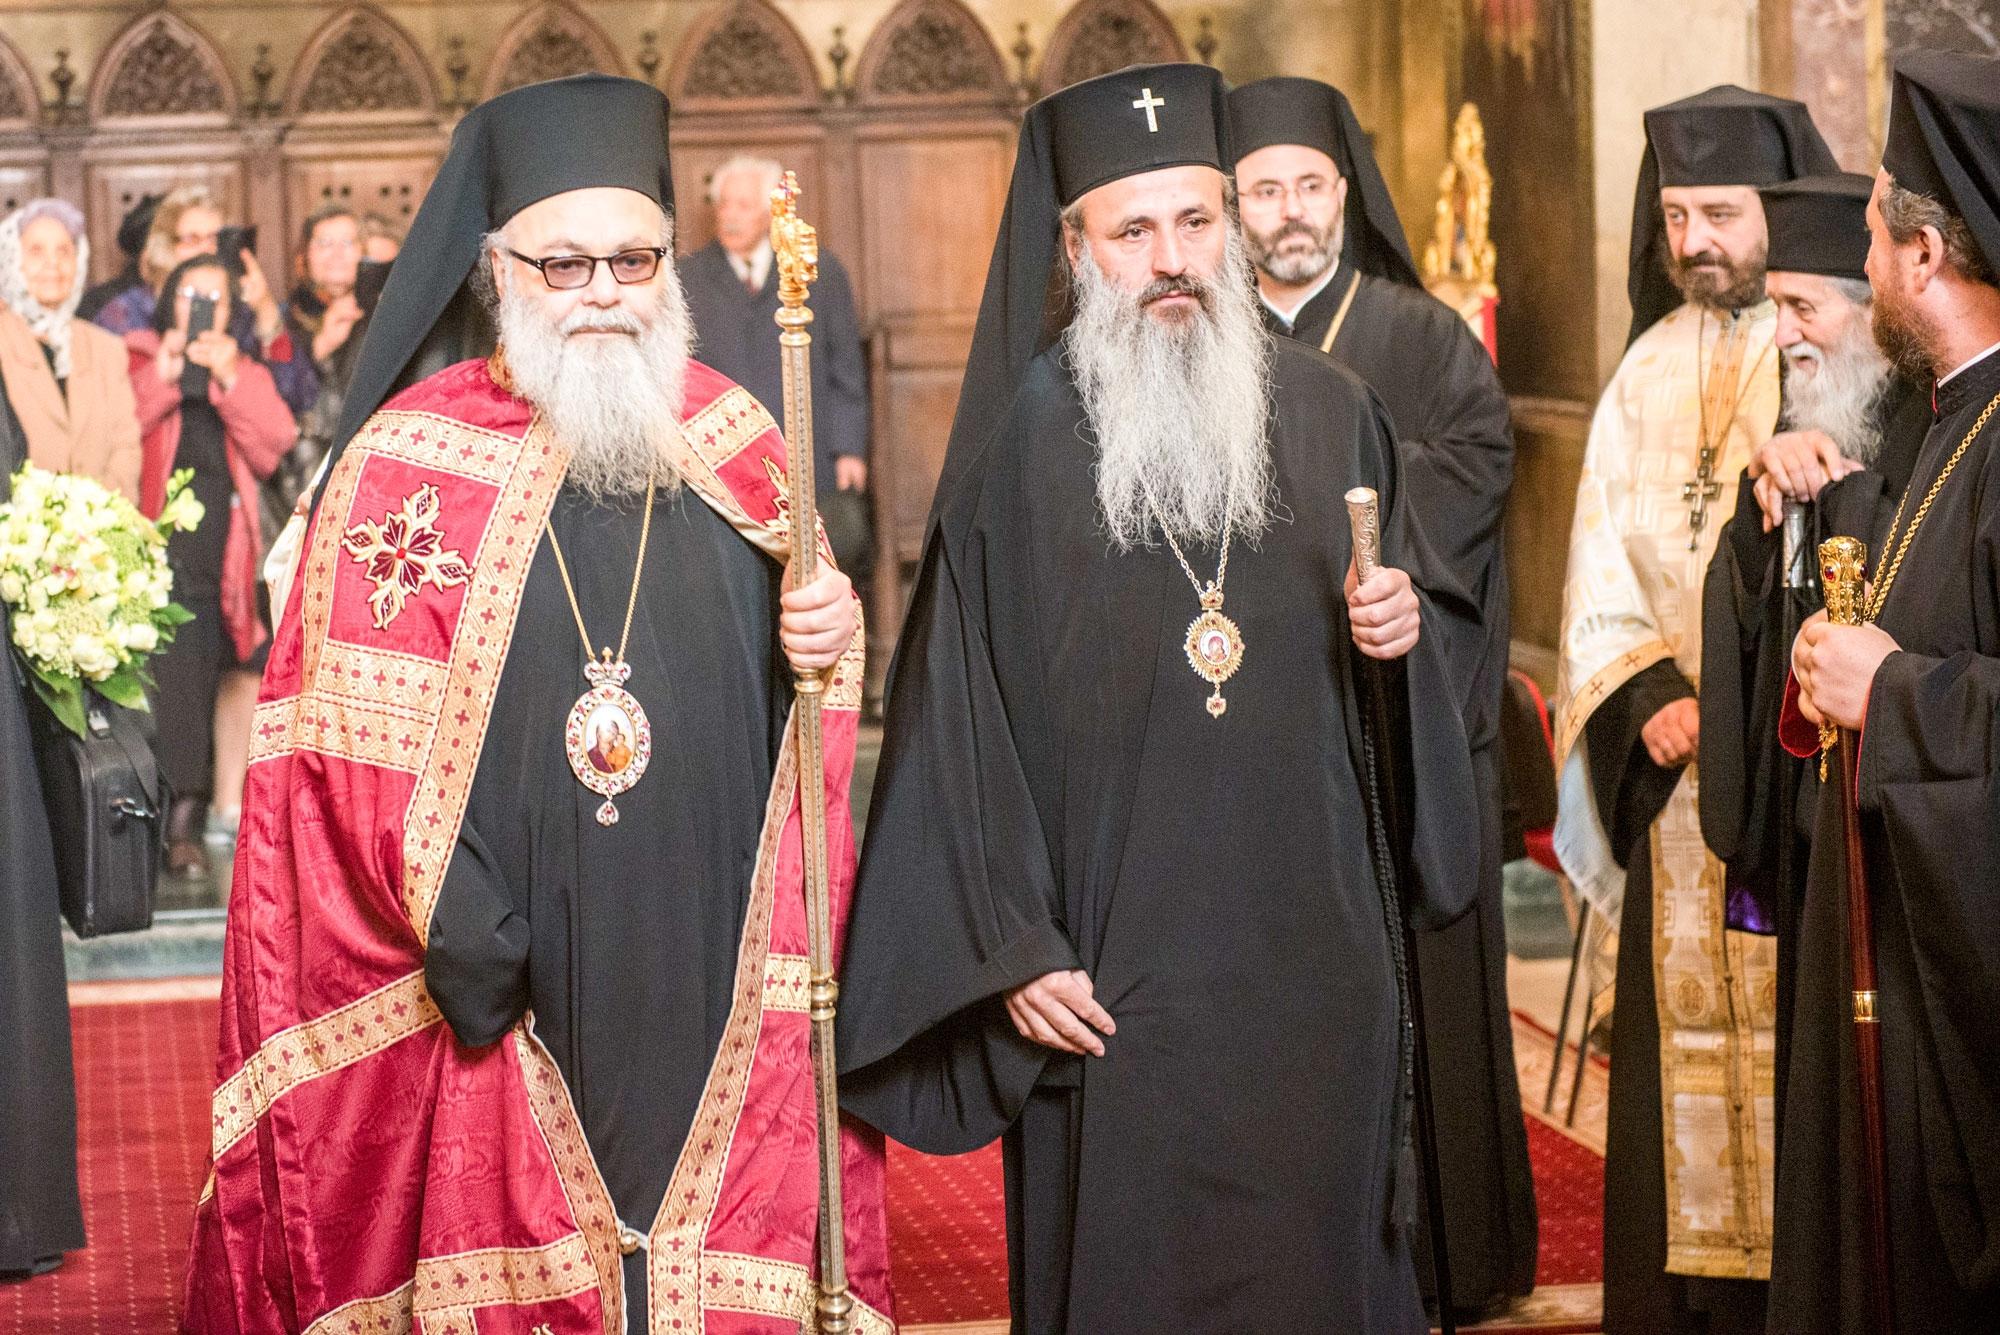 """PATRIARHUL ANTIOHIEI, IOAN AL X-LEA, IN MOLDOVA: <i>""""Suntem aici și ca să dăm un strigăt de pace pentru Orientul Mijlociu. Ne-am săturat de promisiuni și de călcarea drepturilor omului. SE PARE CA DREPTURILE OMULUI SE FORMEAZĂ DUPĂ INTERESELE CELOR PUTERNICI AI LUMII""""</i>/  Cuvântul de intampinare al IPS Teofan"""